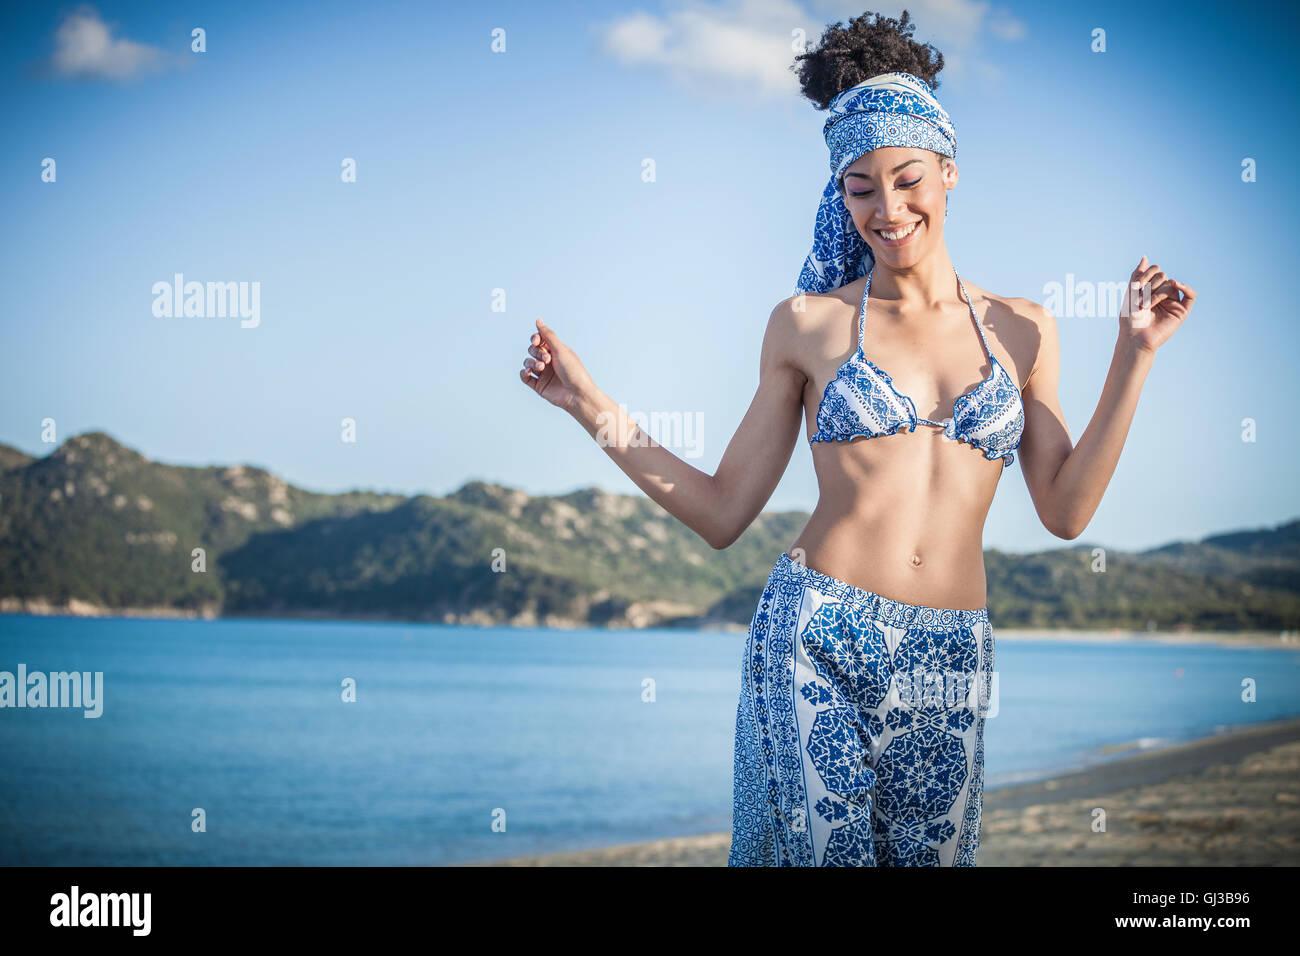 Giovane e bella donna che indossa un bikini top e sarong balli sulla spiaggia, Costa Rei, Sardegna, Italia Immagini Stock